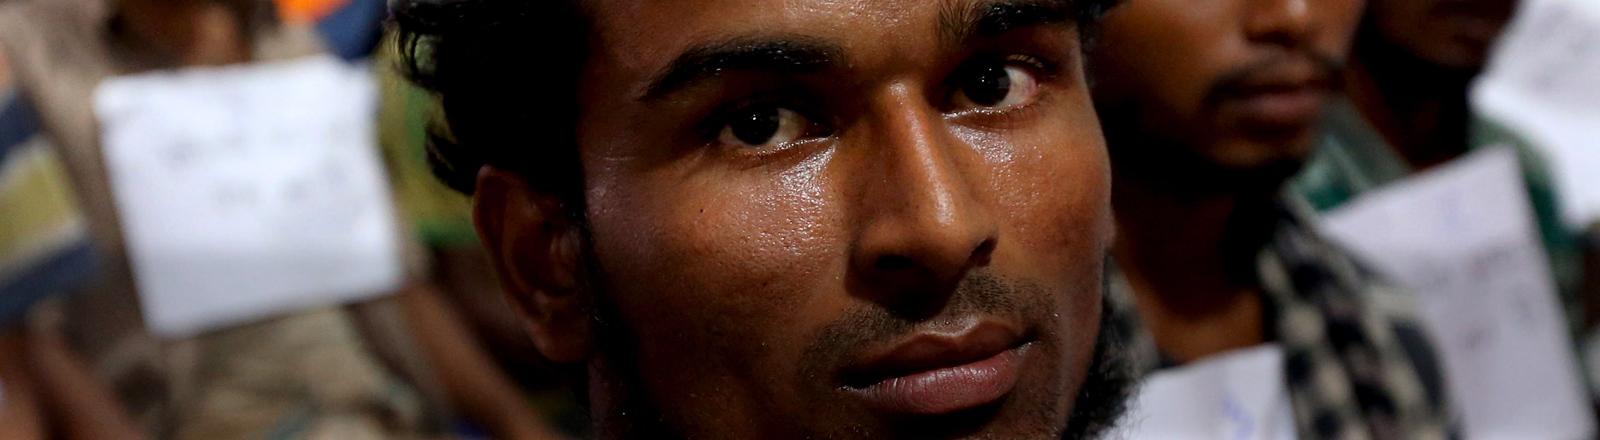 Ein Mitglied der Rohingya blickt in die Kamera.